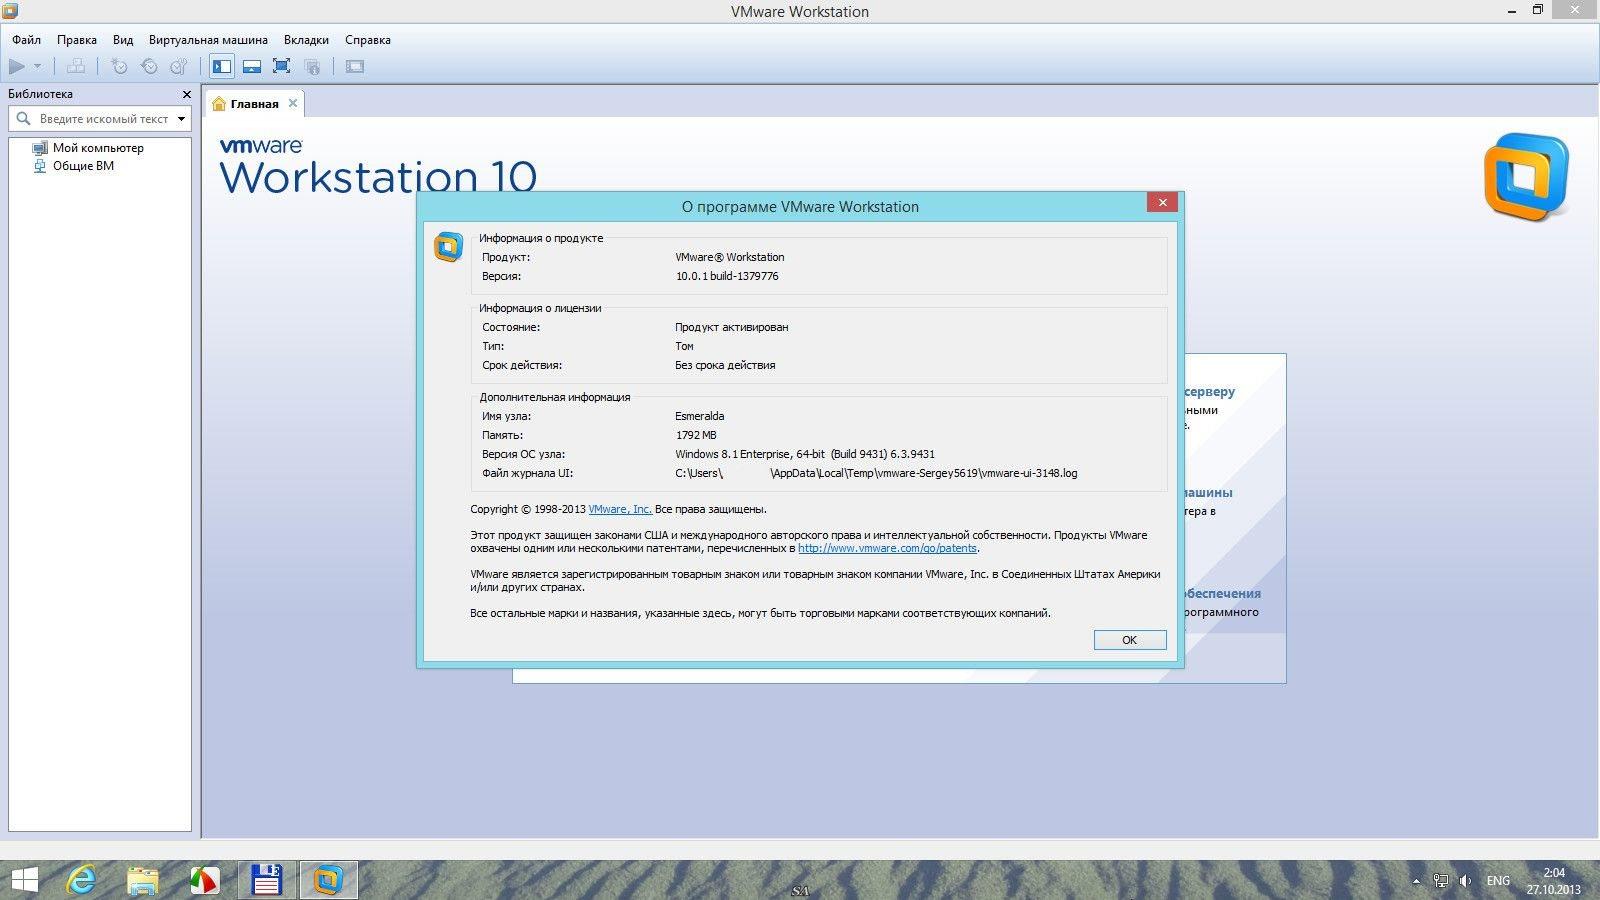 VMWARE WORKSTATION 10.0.1 GRATUIT TÉLÉCHARGER